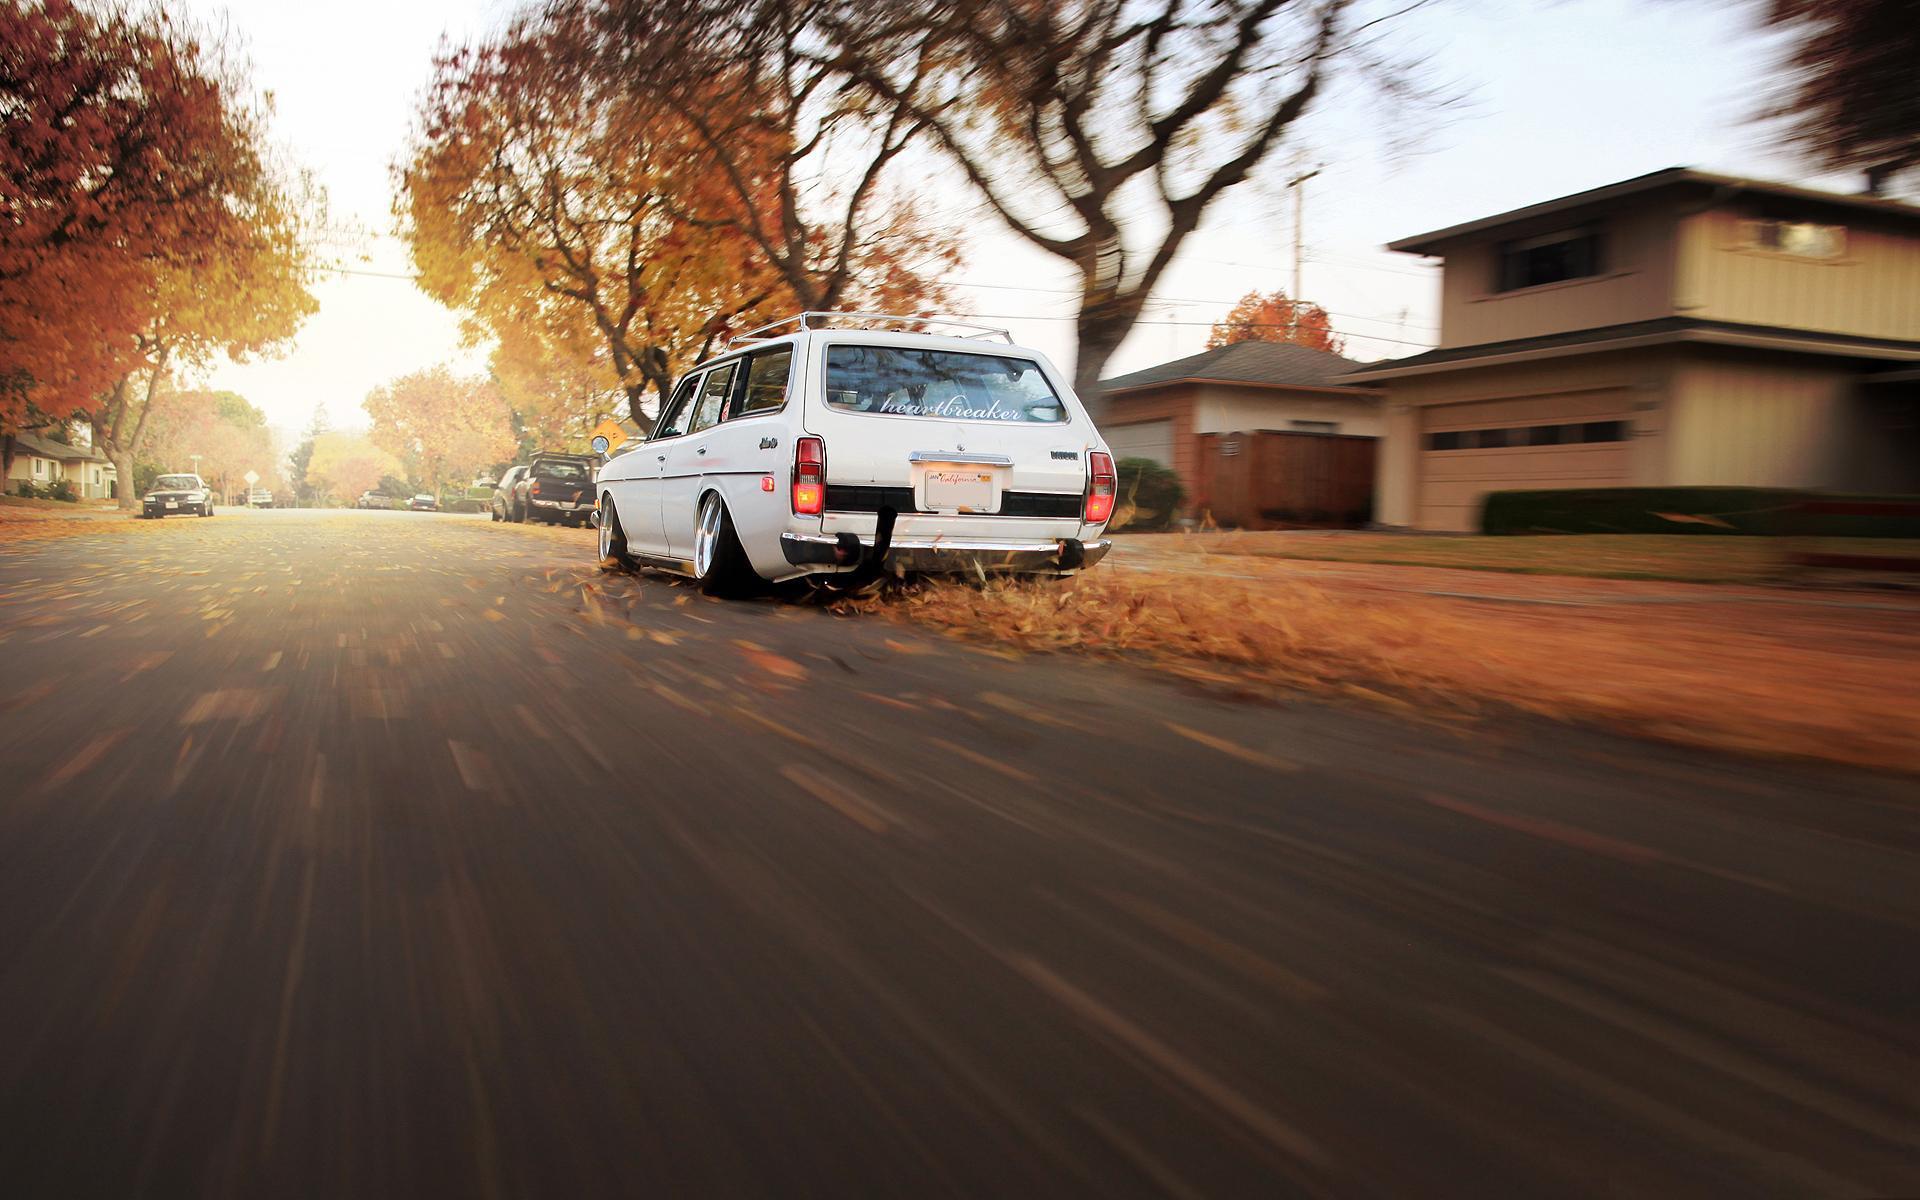 Vehículos - Datsun 610 Wagon  Fondo de Pantalla